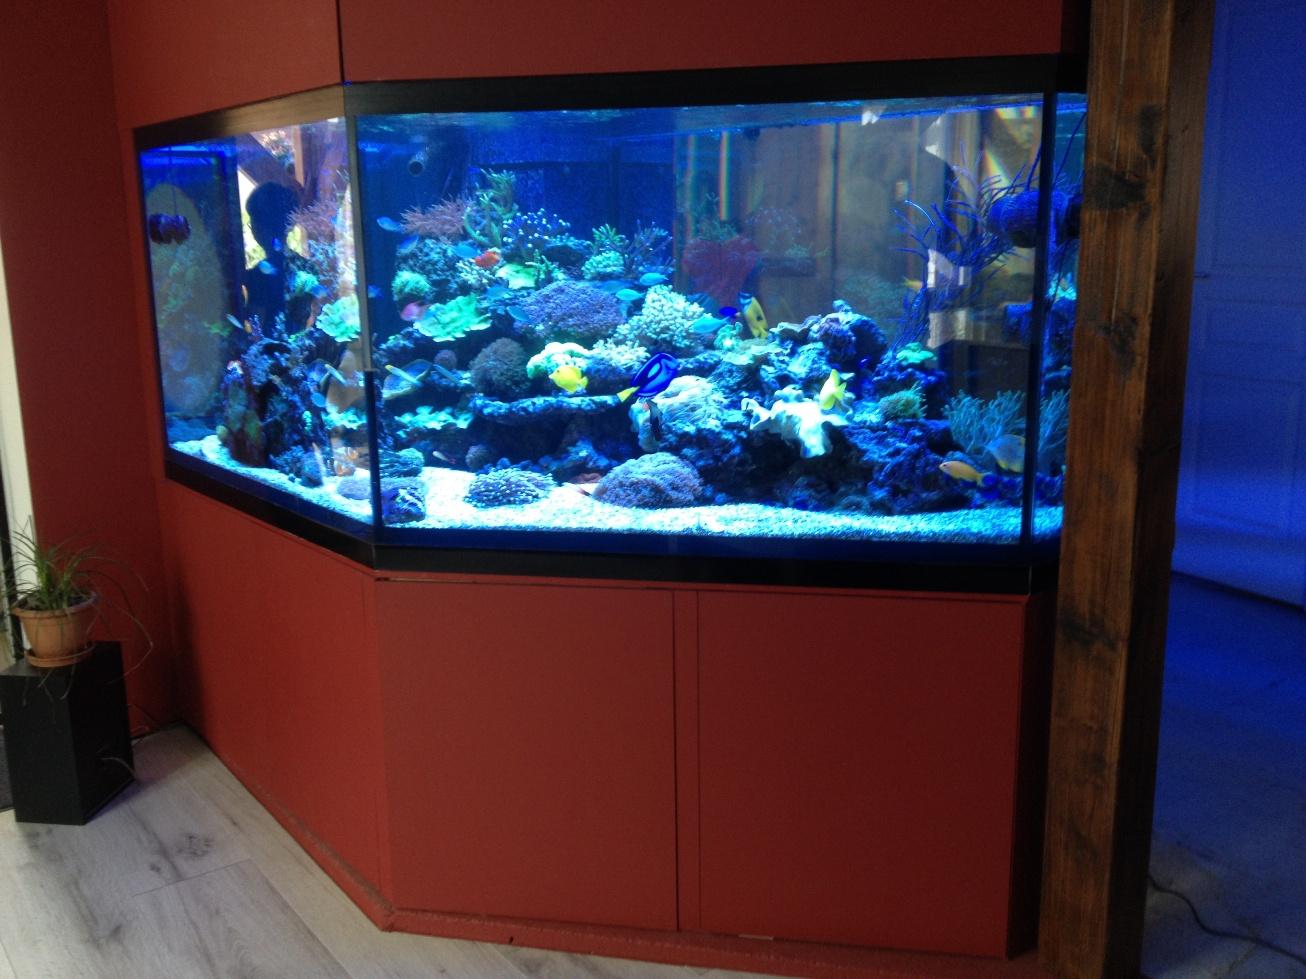 cr ation d 39 un aquarium d 39 eau de mer. Black Bedroom Furniture Sets. Home Design Ideas